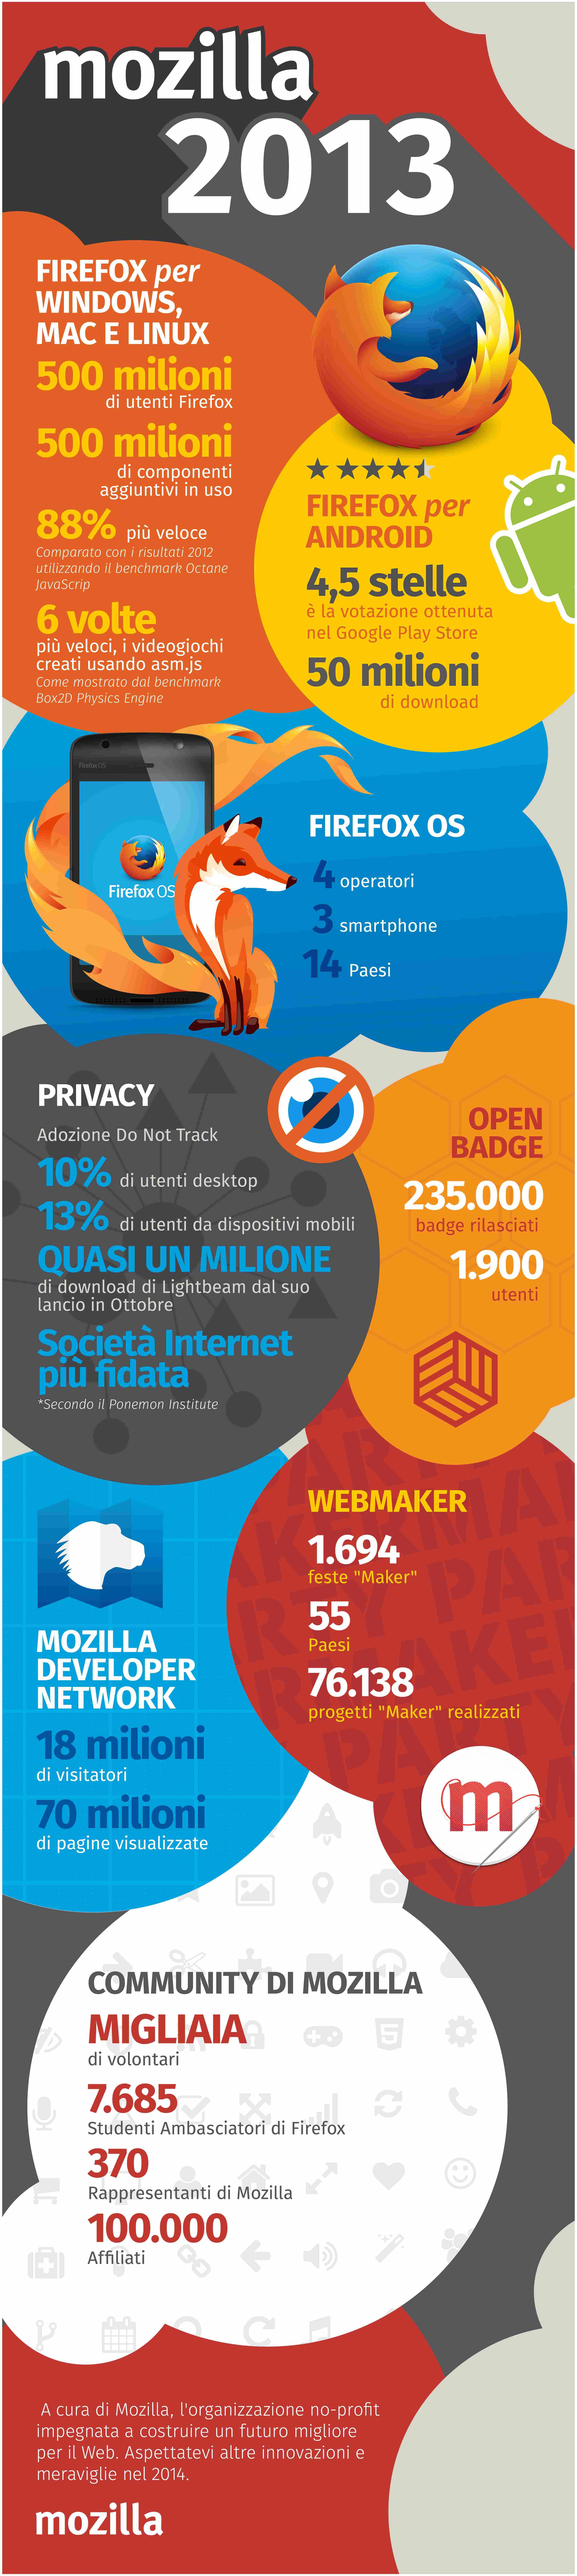 Mozilla_2013_infografica_bassa